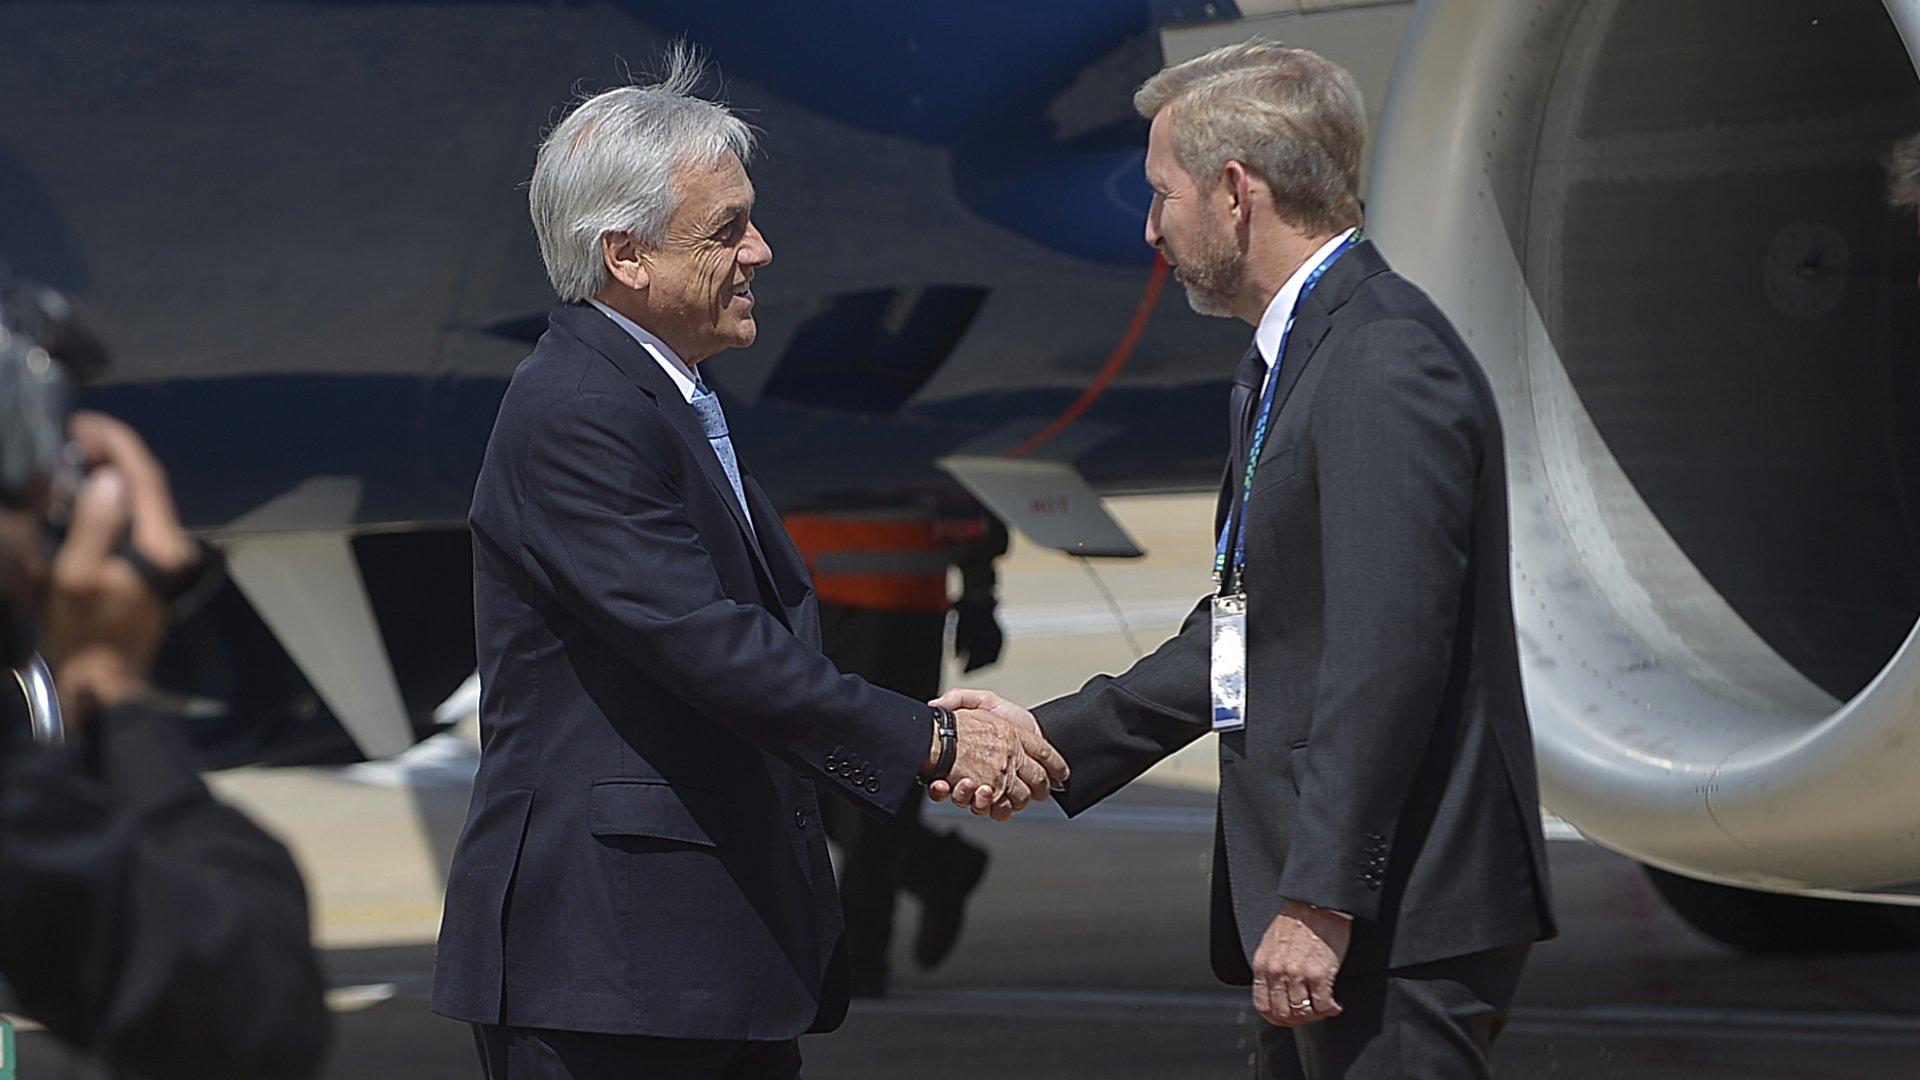 El presidente de Chile Sebastián Piñera fue recibido por el ministro del Interior Rogelio Frigerio(Manuel Cortina)